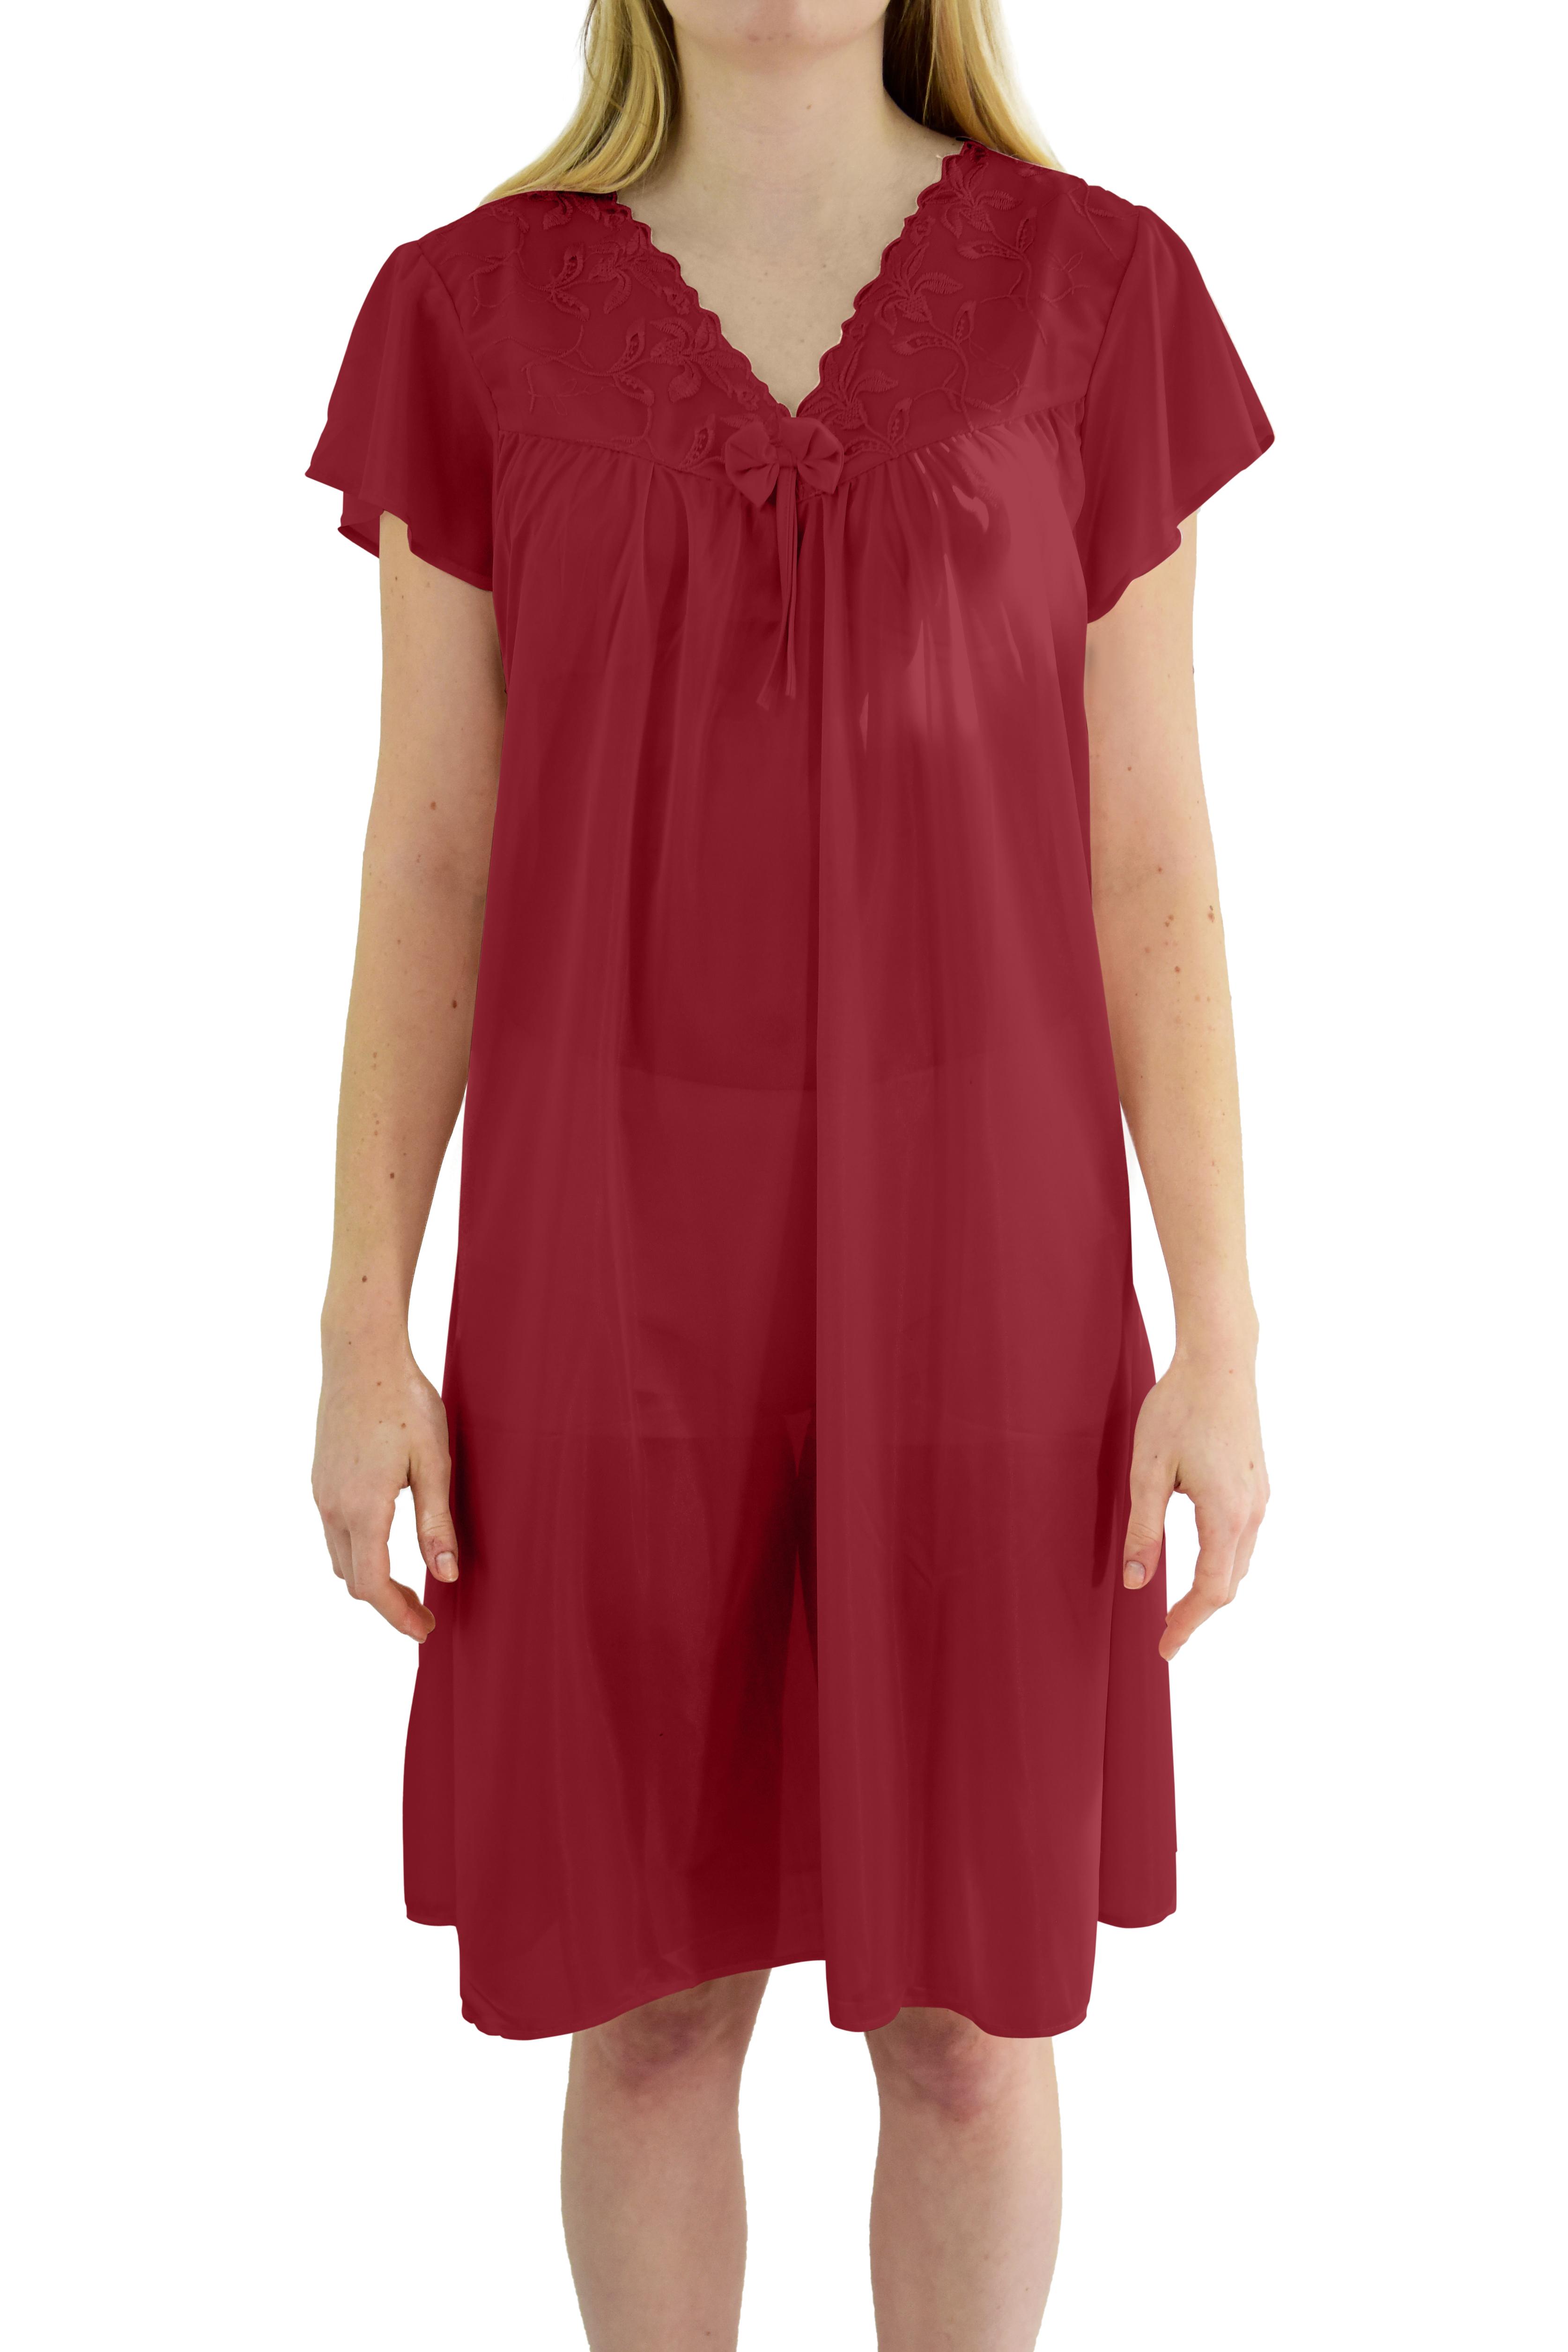 EZI Women's 'Wendy' Cap Sleeve Satin Nightgown